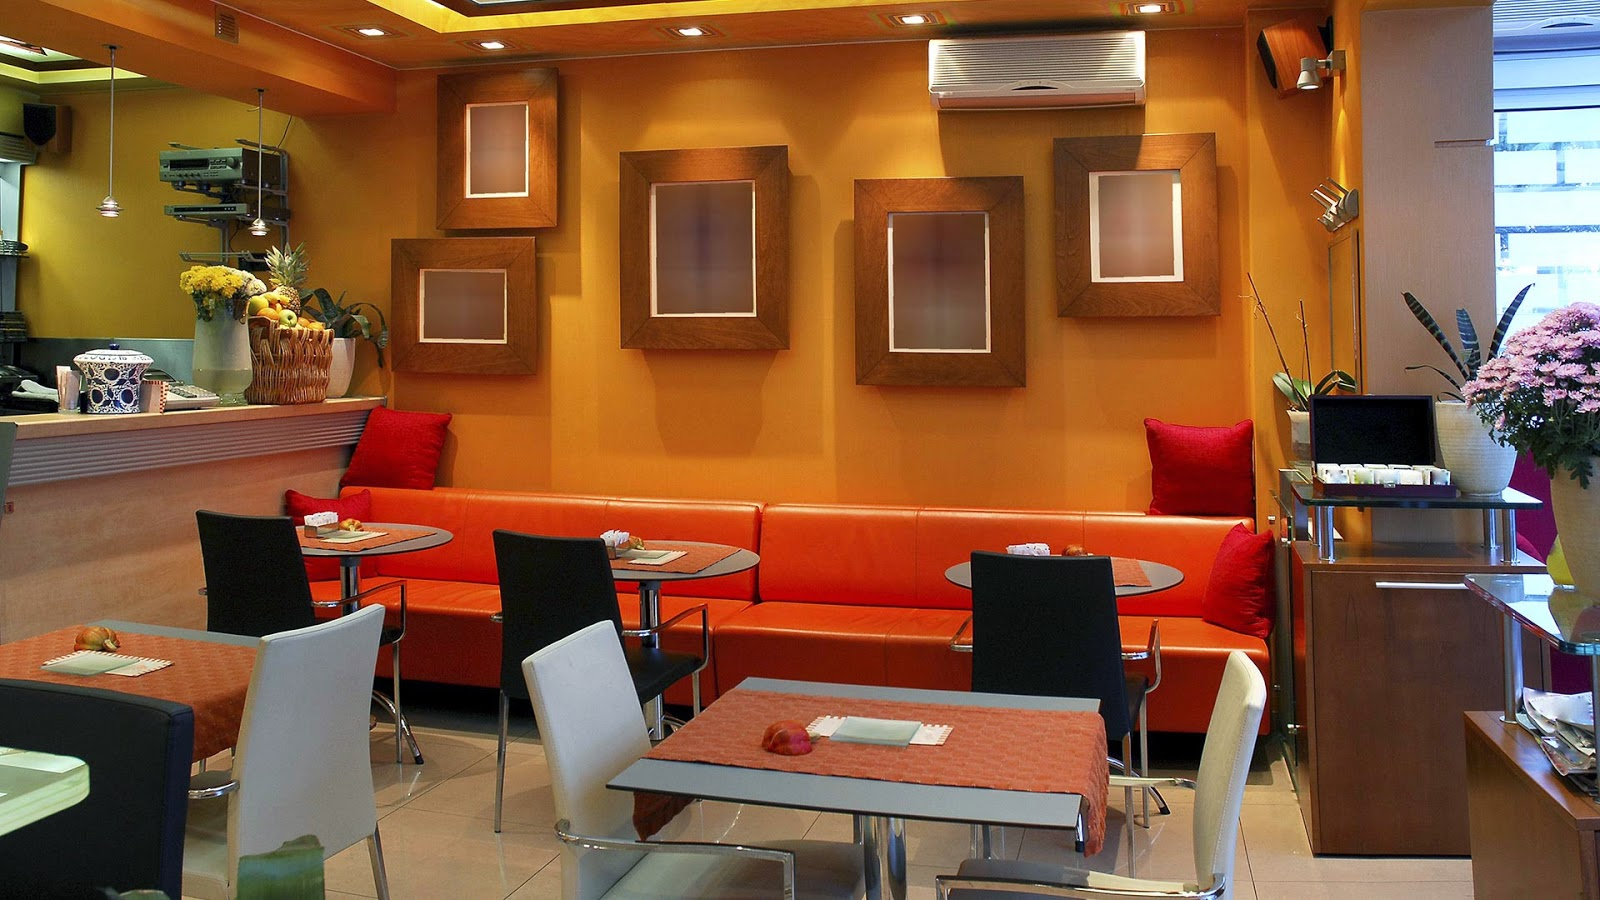 Mobistore De Qu Color Decorar El Restaurante